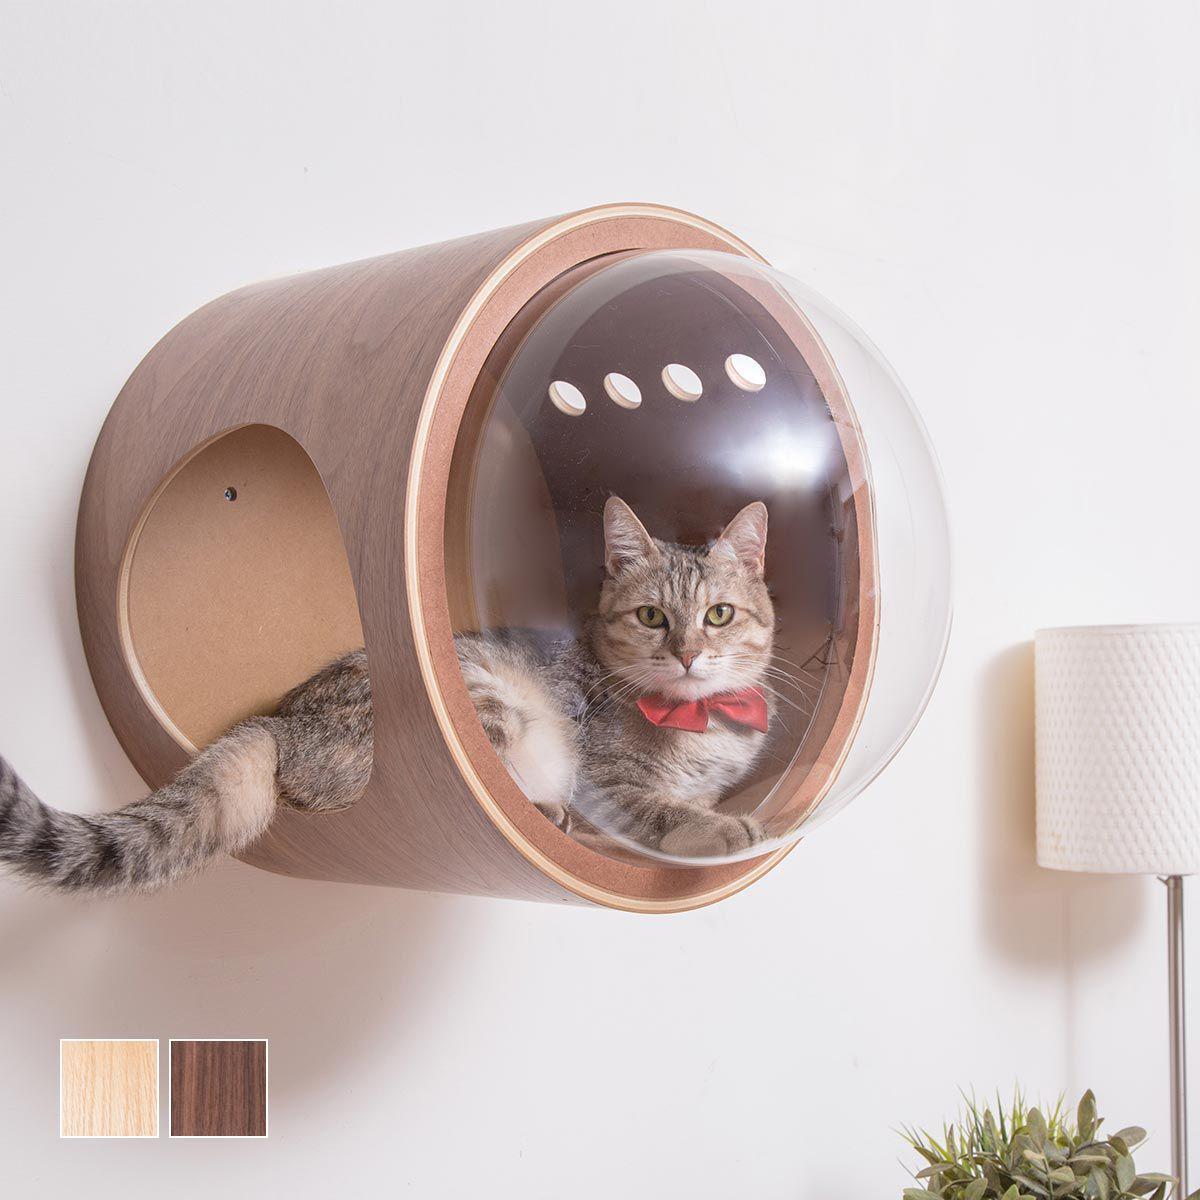 【楽天市場】my zoo 猫 ベッド キャットタワー 木製 壁 猫家具 猫ハウス キャットウォーク キャットステップ